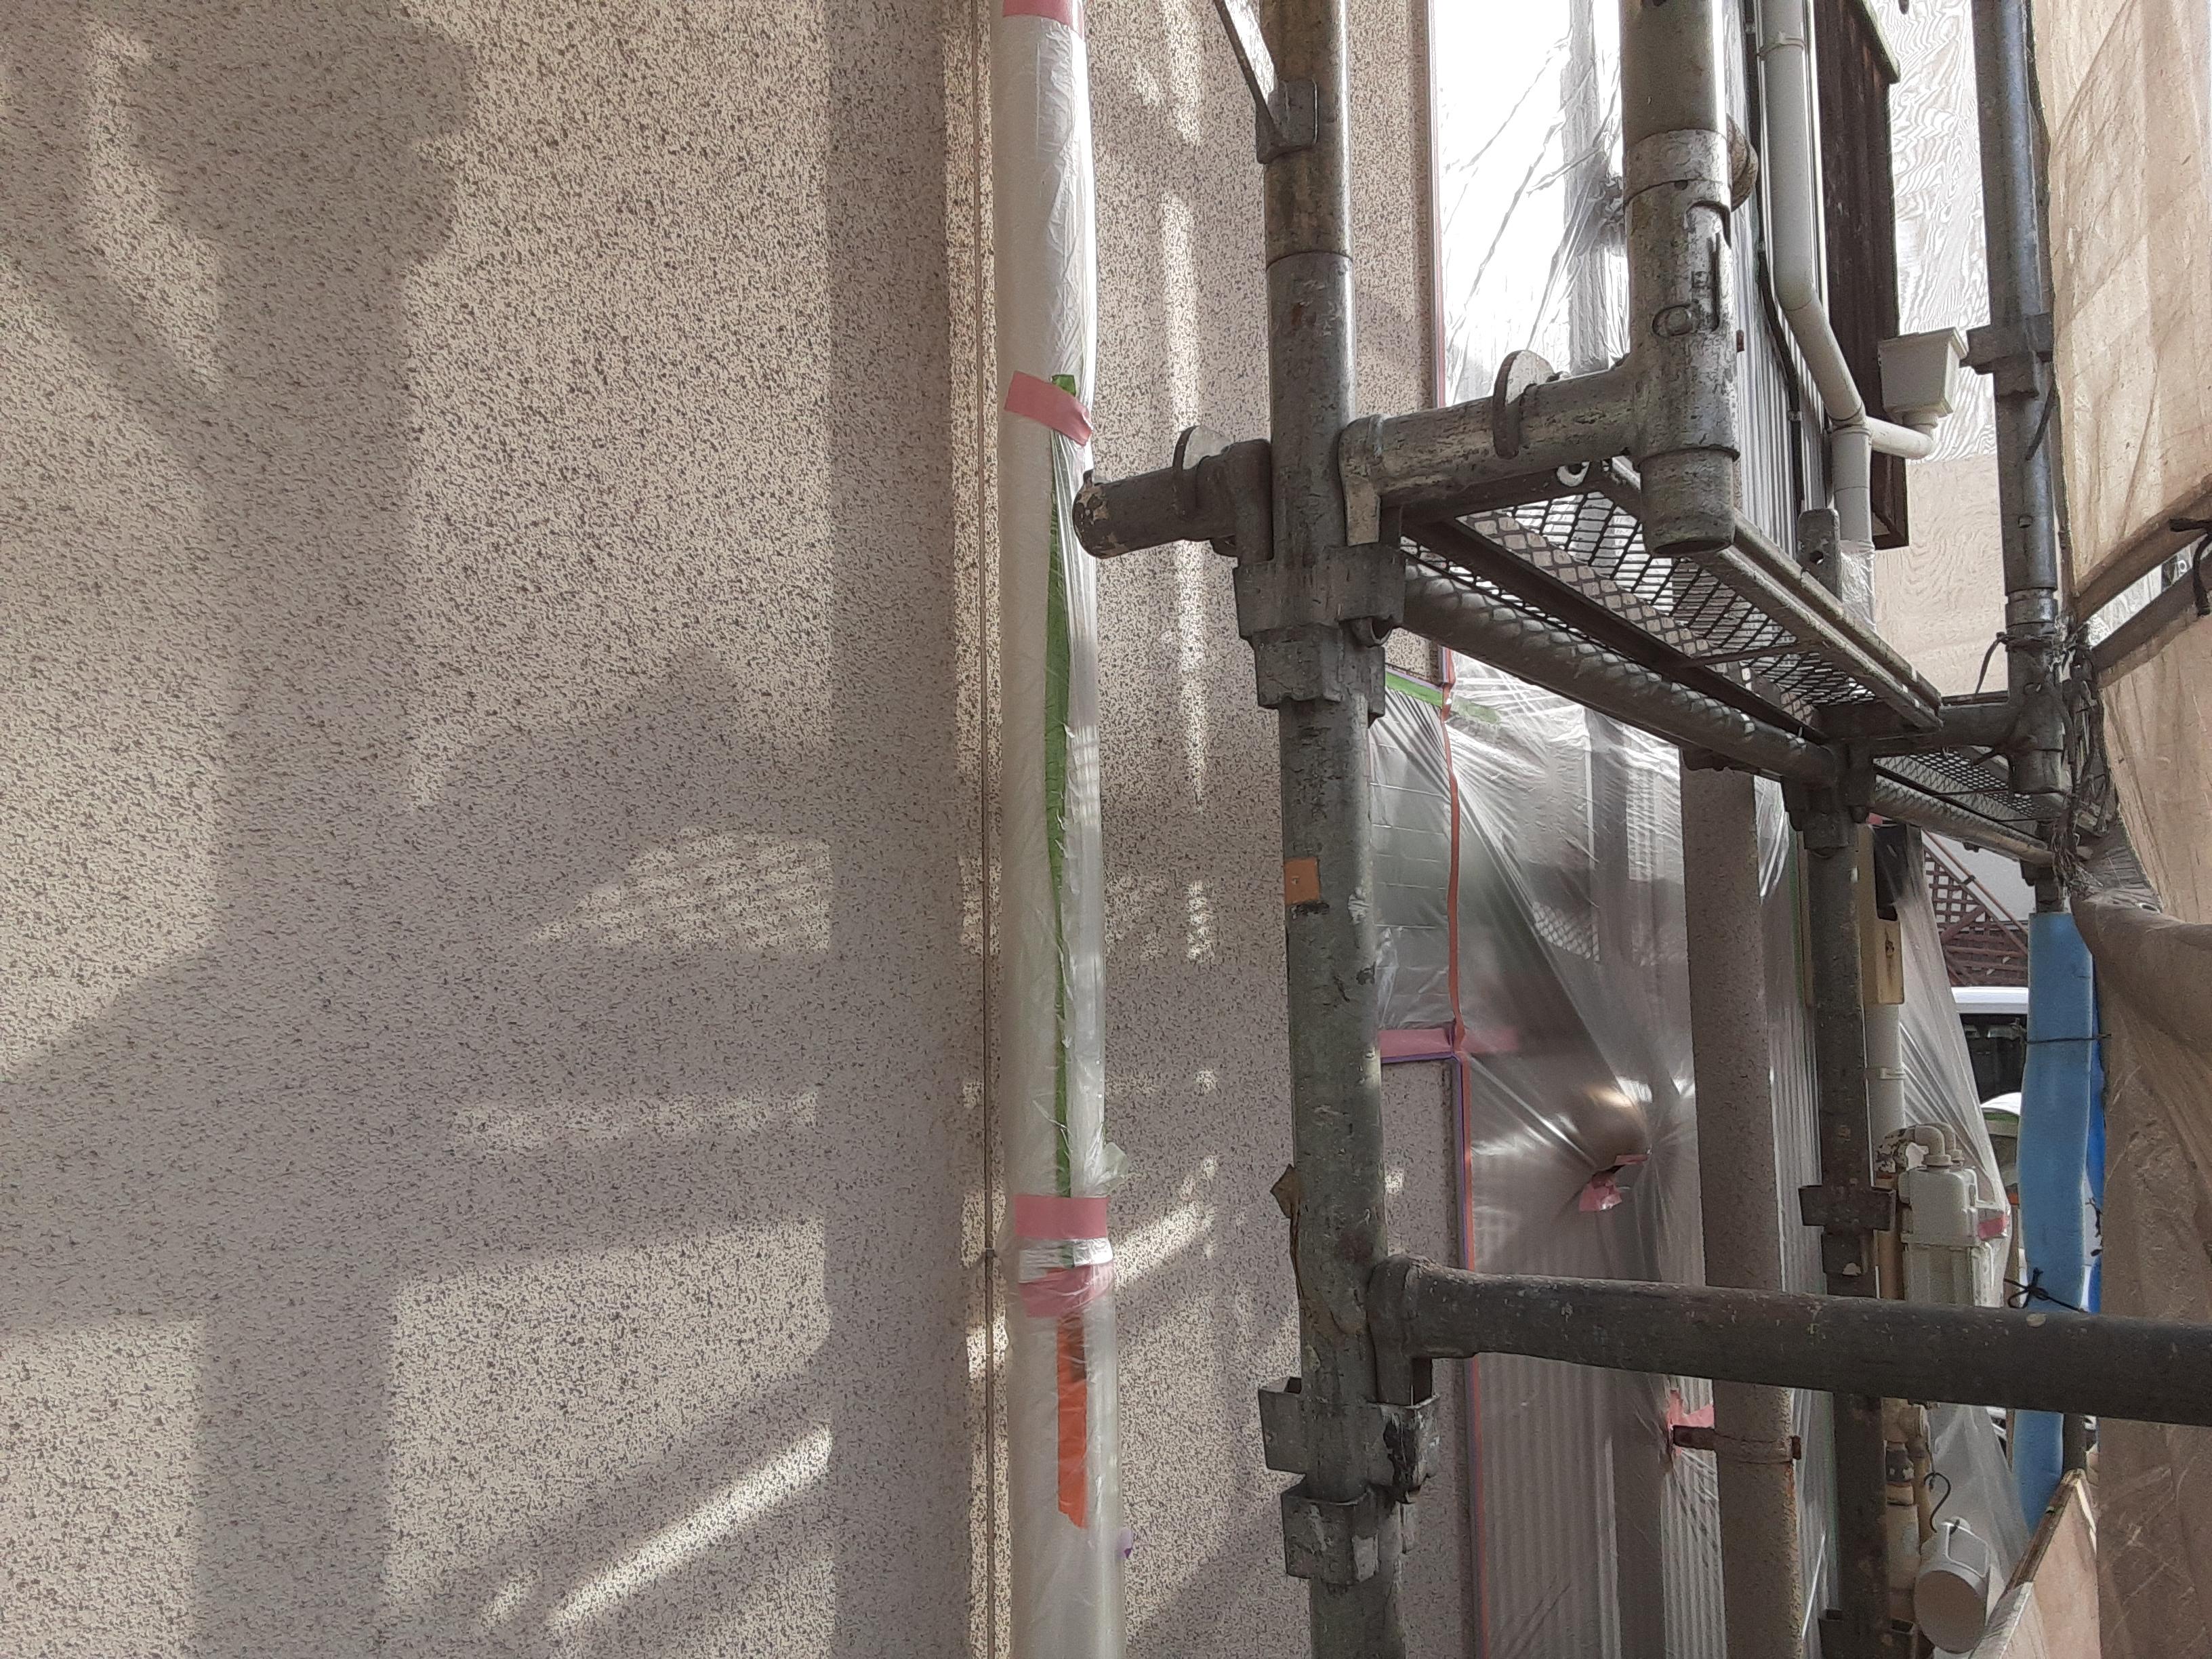 埼玉県さいたま市中央区のK様邸(木造2階建て)にて外壁の塗り替えリフォーム中